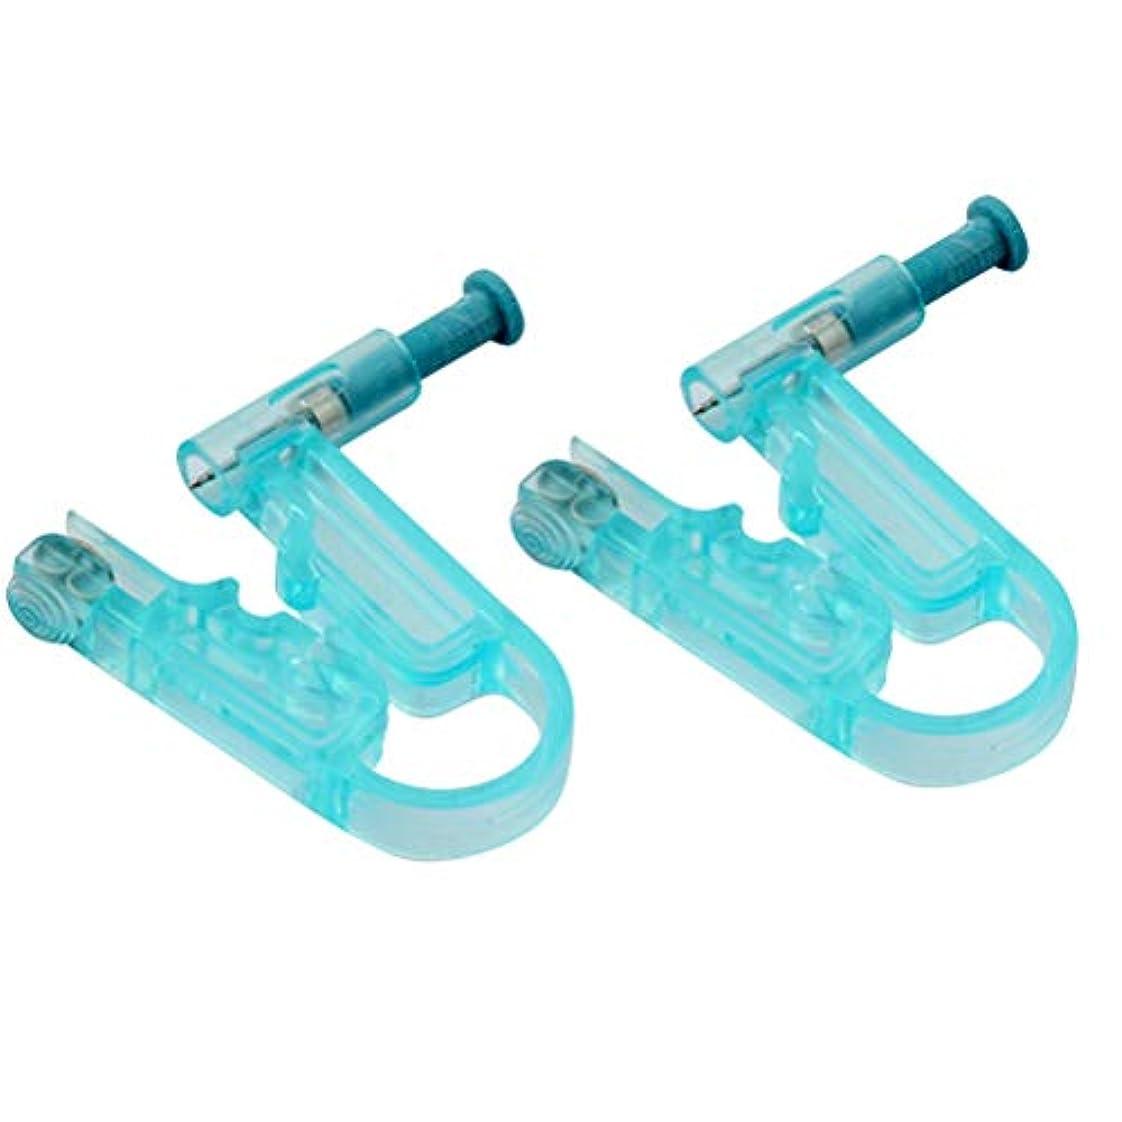 公平横たわる包帯SUPVOX ピアスガンツール 使い捨て耳ピアス 無菌安全 スカイブルー 2本